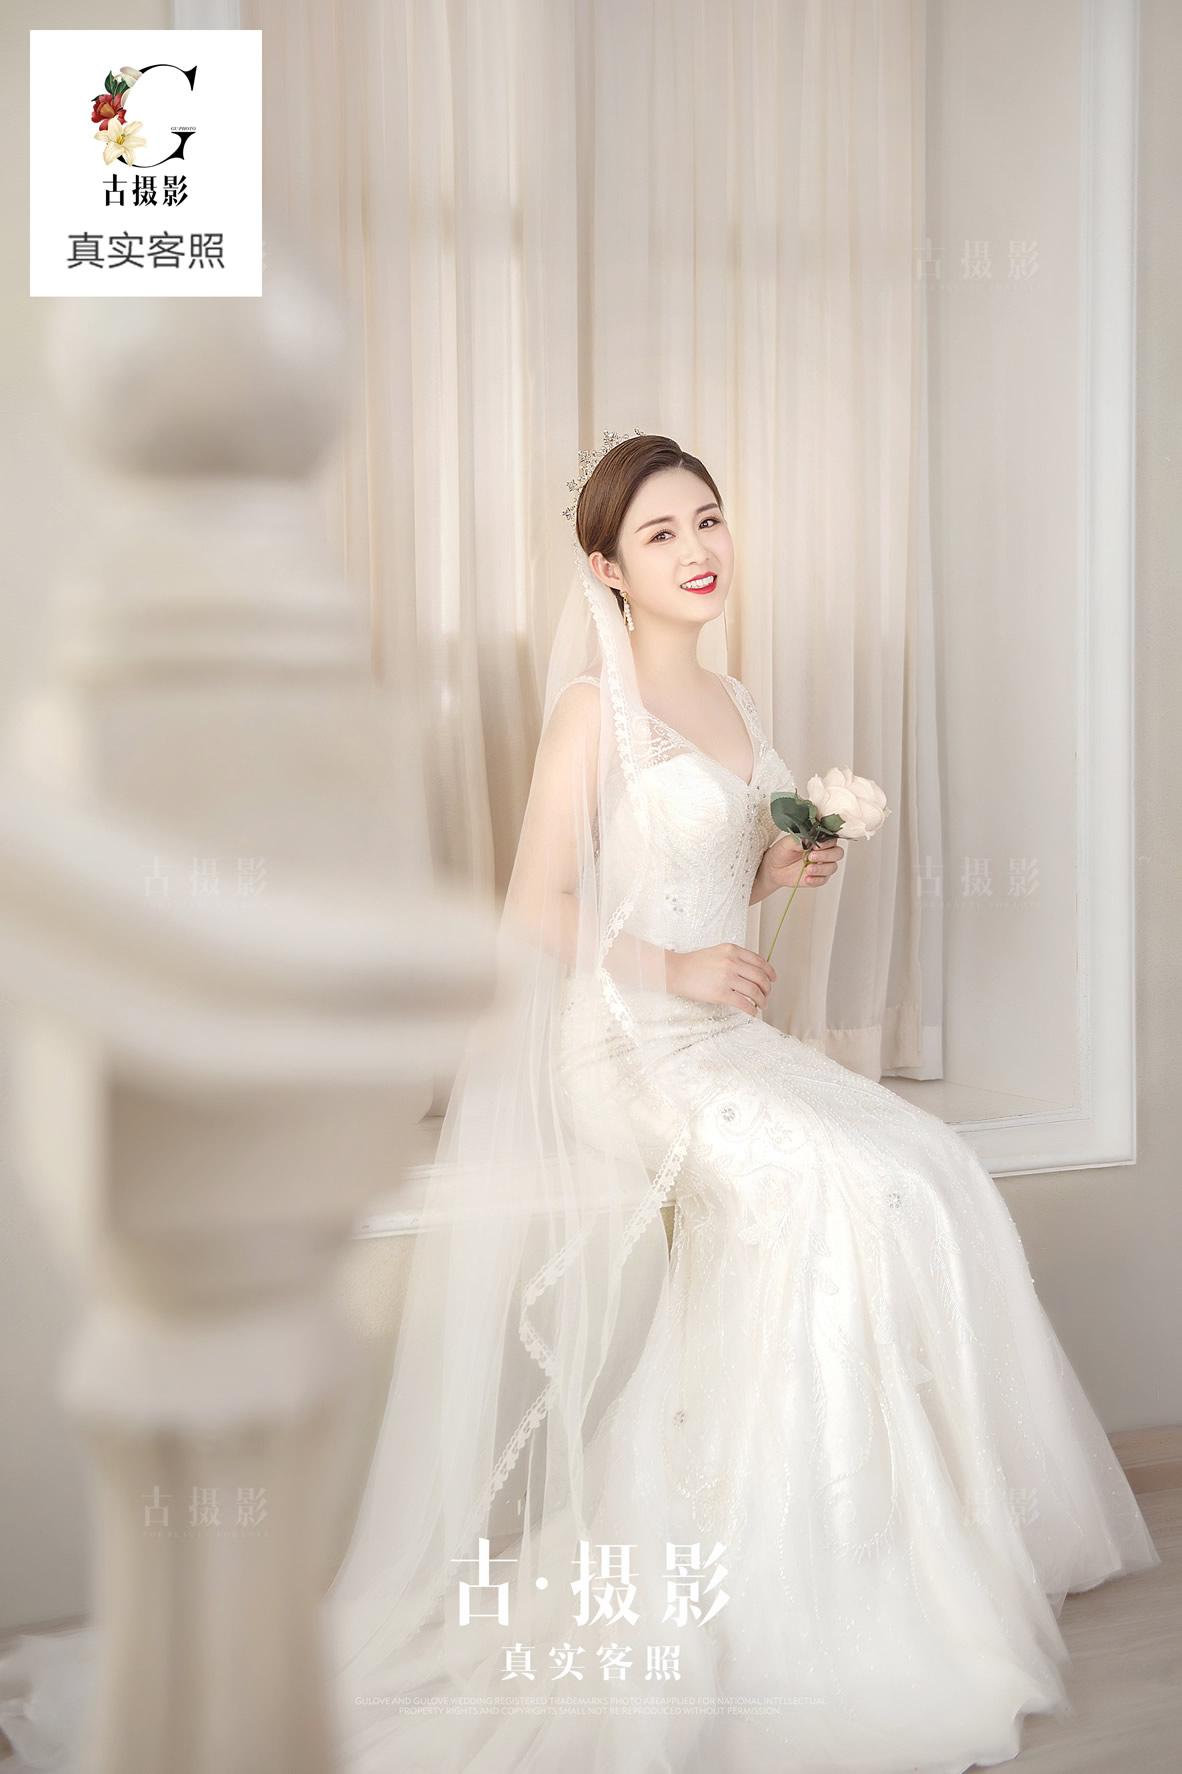 11月5日客片刘先生 向小姐 - 每日客照 - 古摄影婚纱艺术-古摄影成都婚纱摄影艺术摄影网